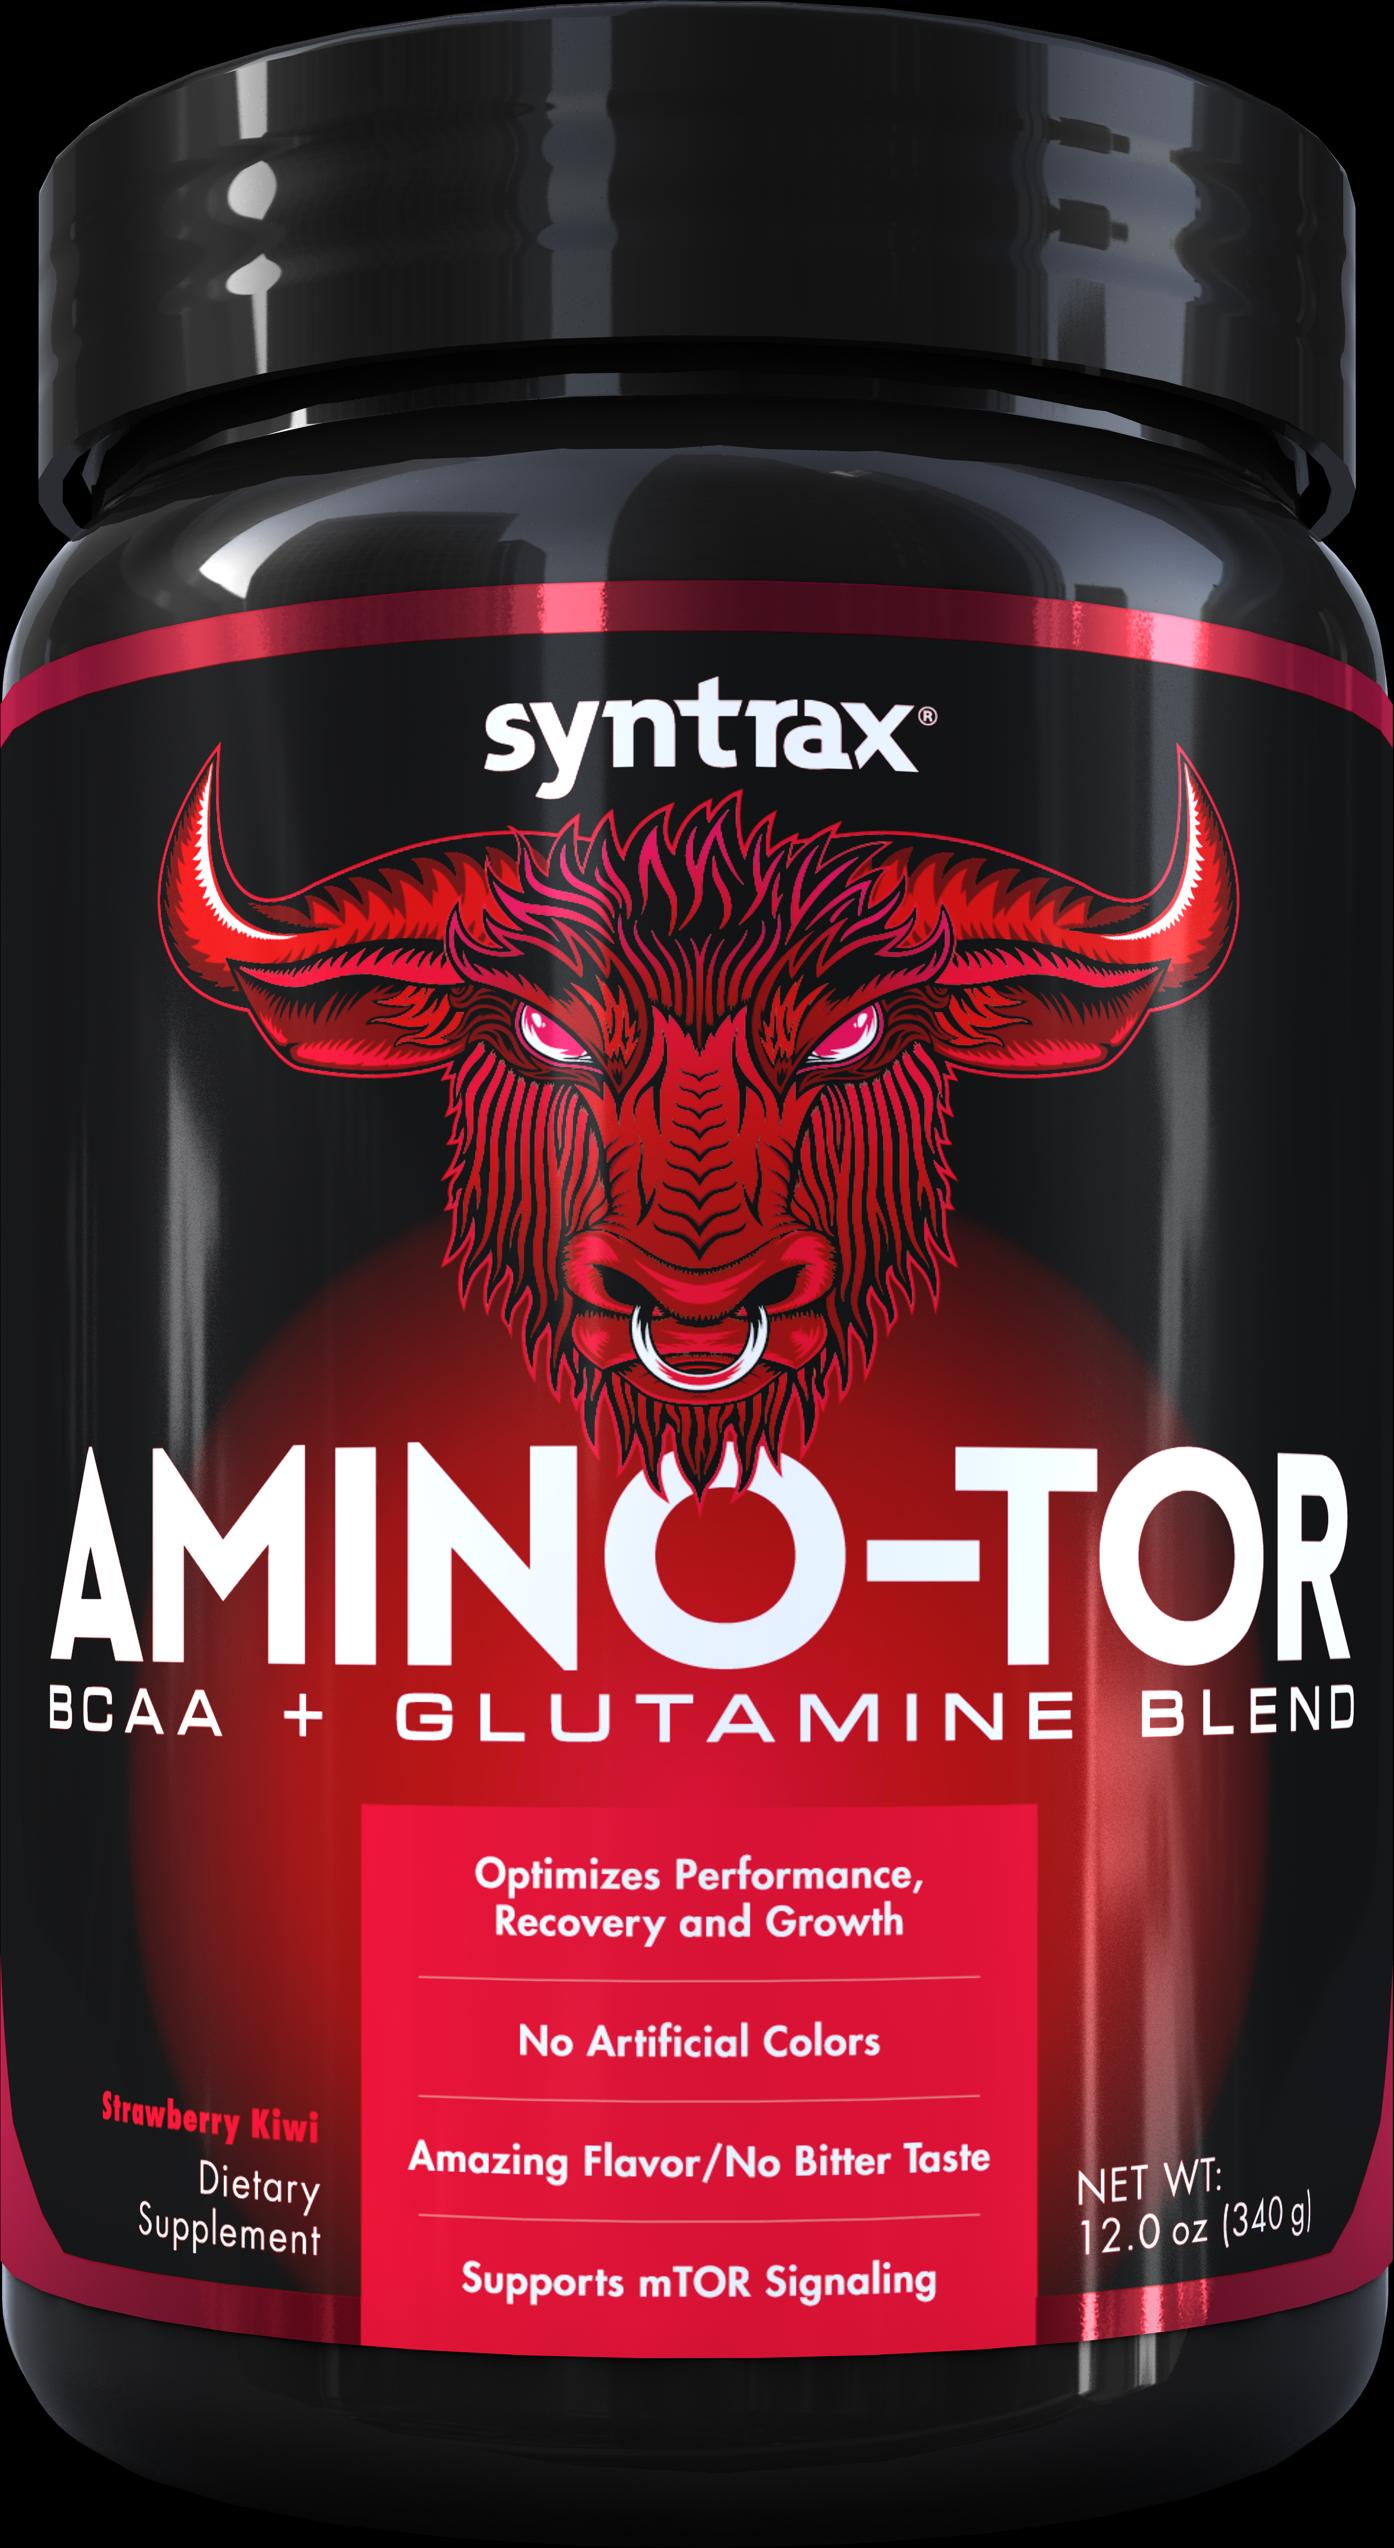 Syntrax Amino-tor - Strawberry Kiwi 340 g